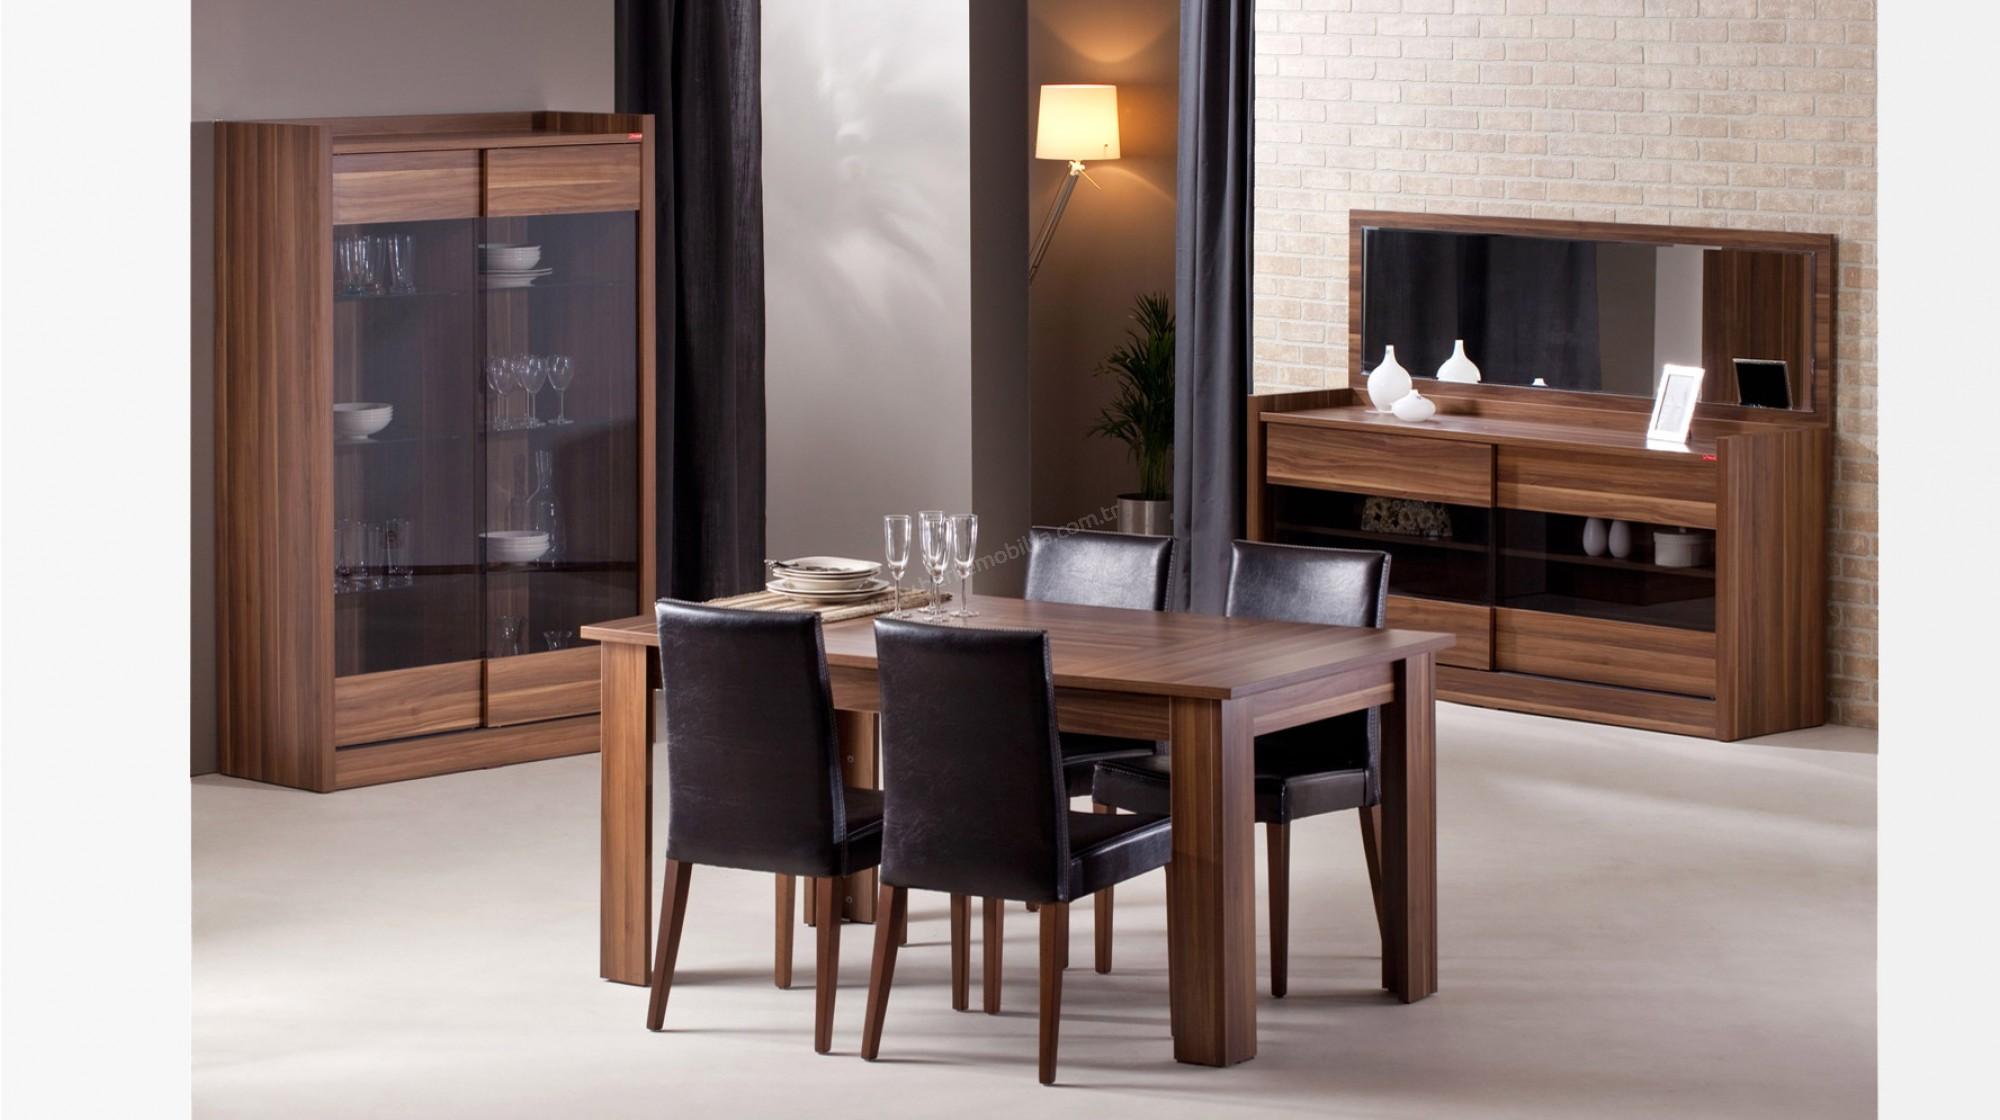 modoko yemek odaları modelleri